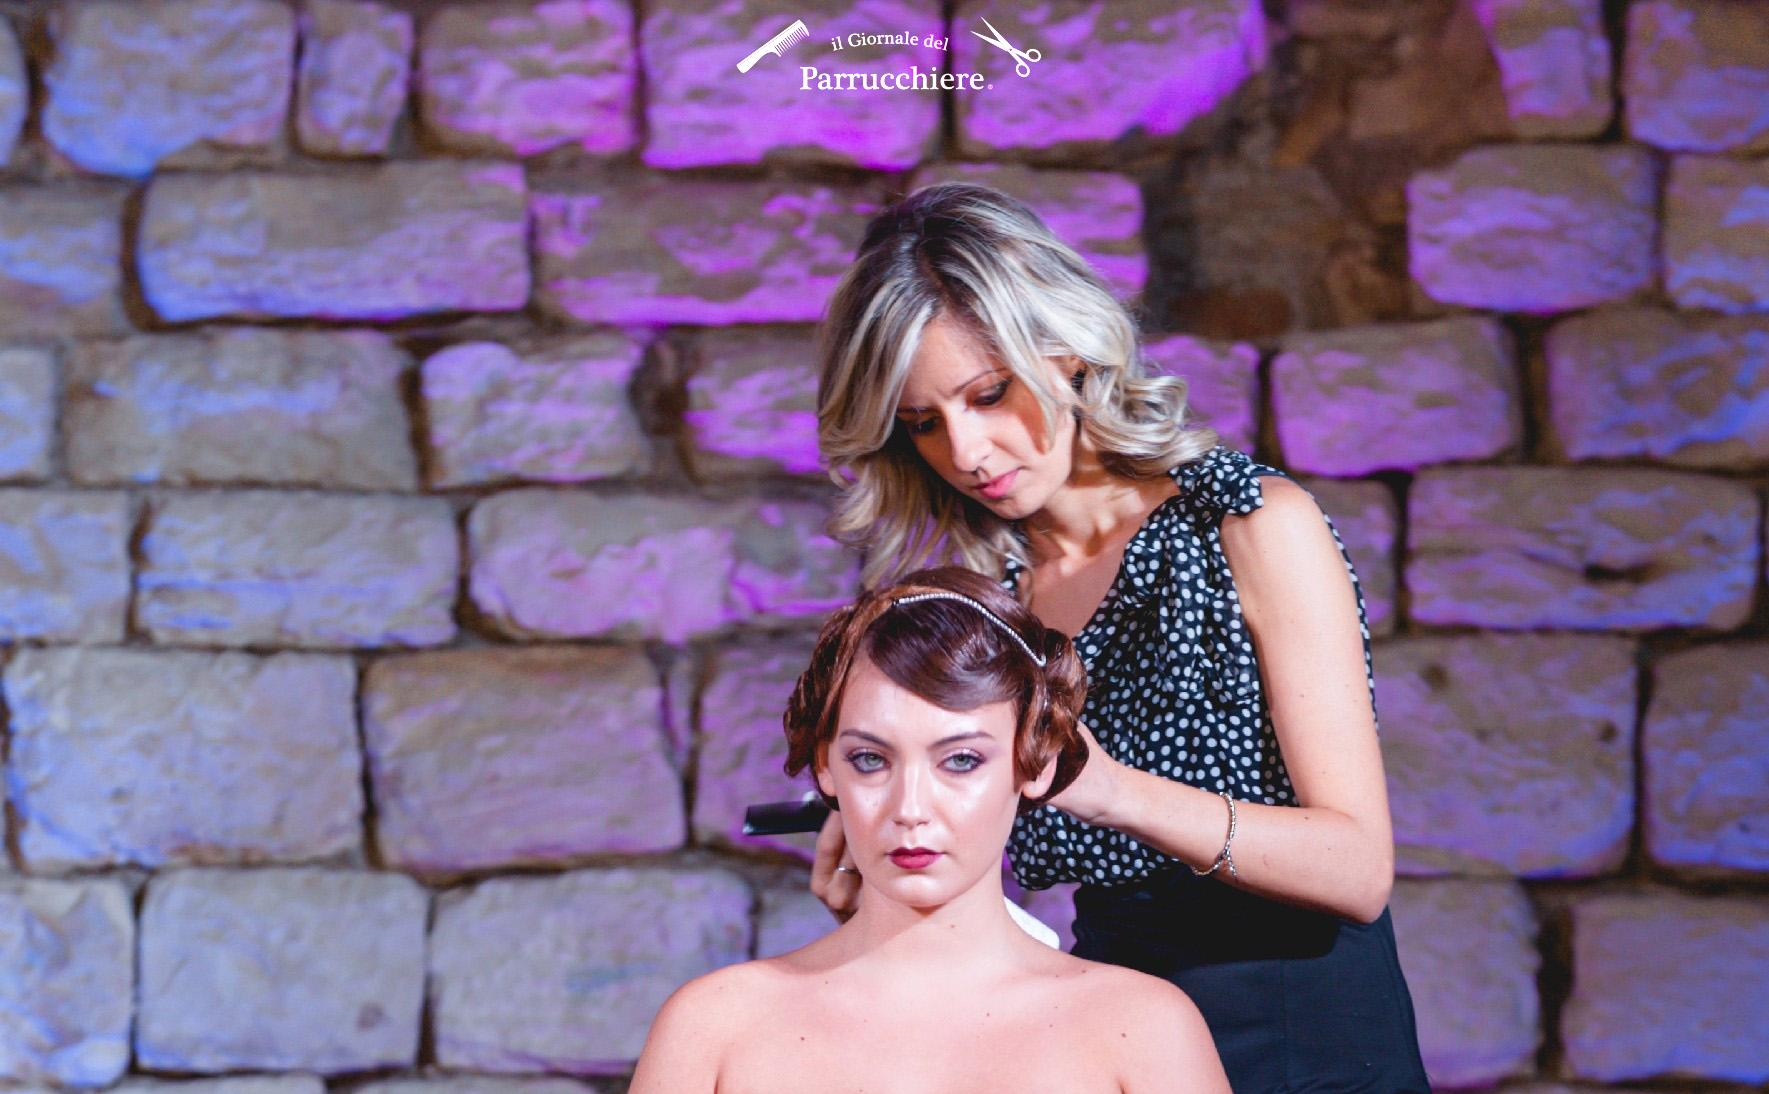 Beautifulloc, Francesca Adriana, il Giornale del Parrucchiere